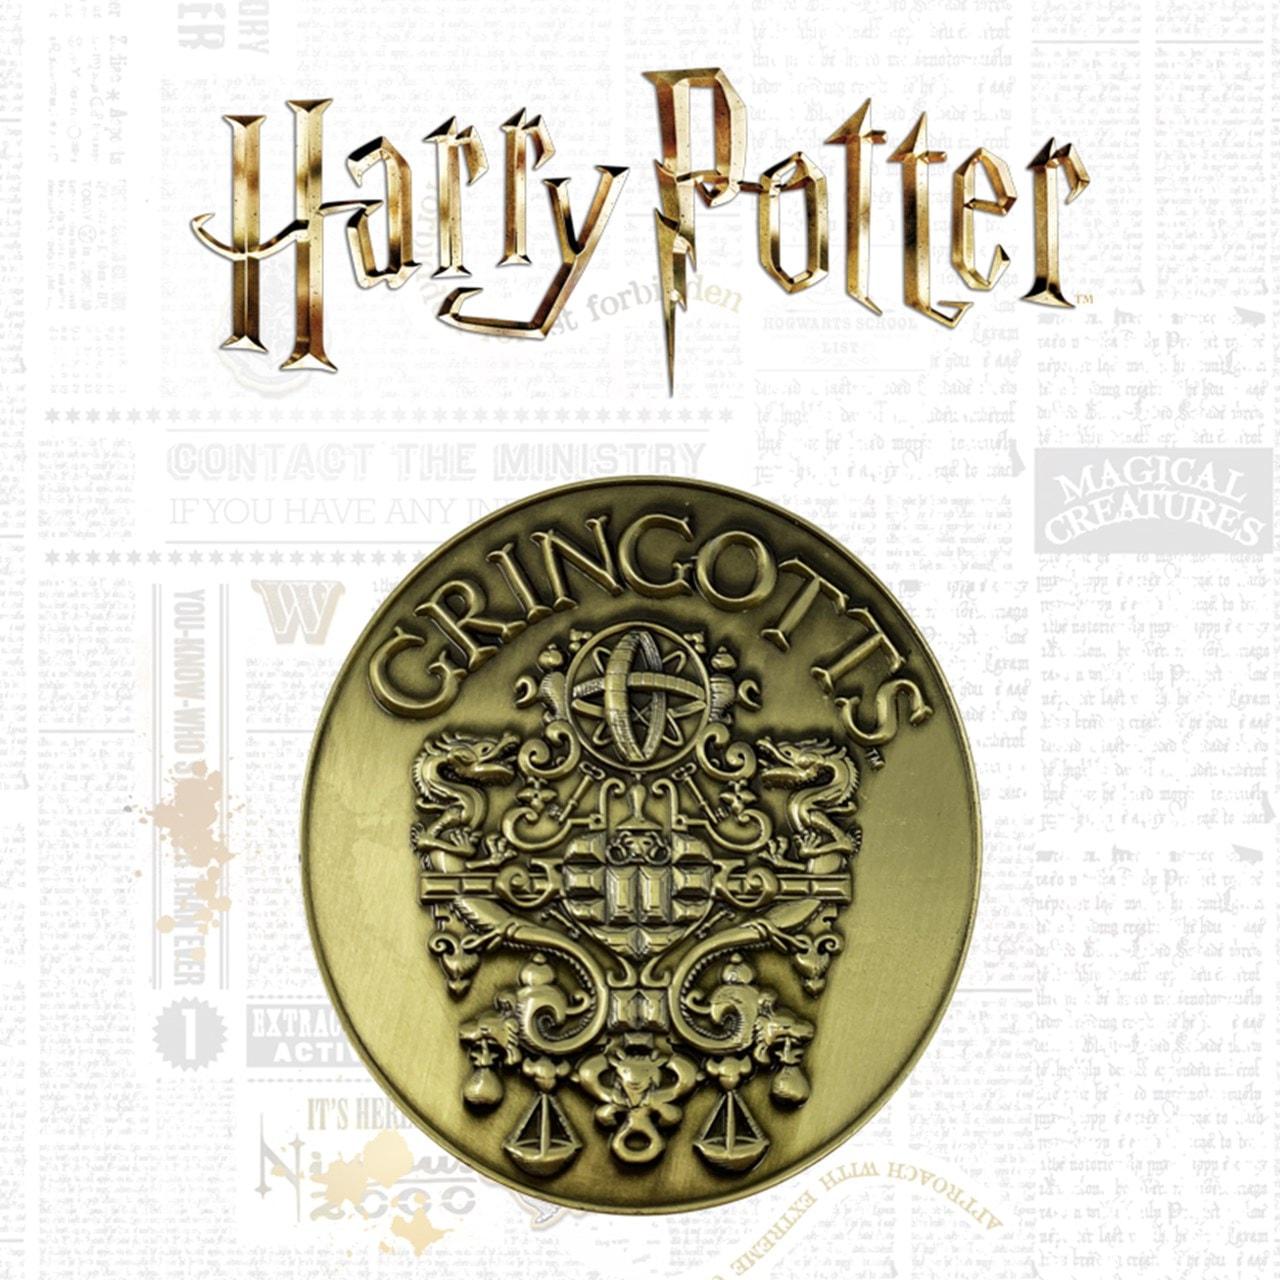 Harry Potter: Gringotts Bank Medallion (online only) - 1